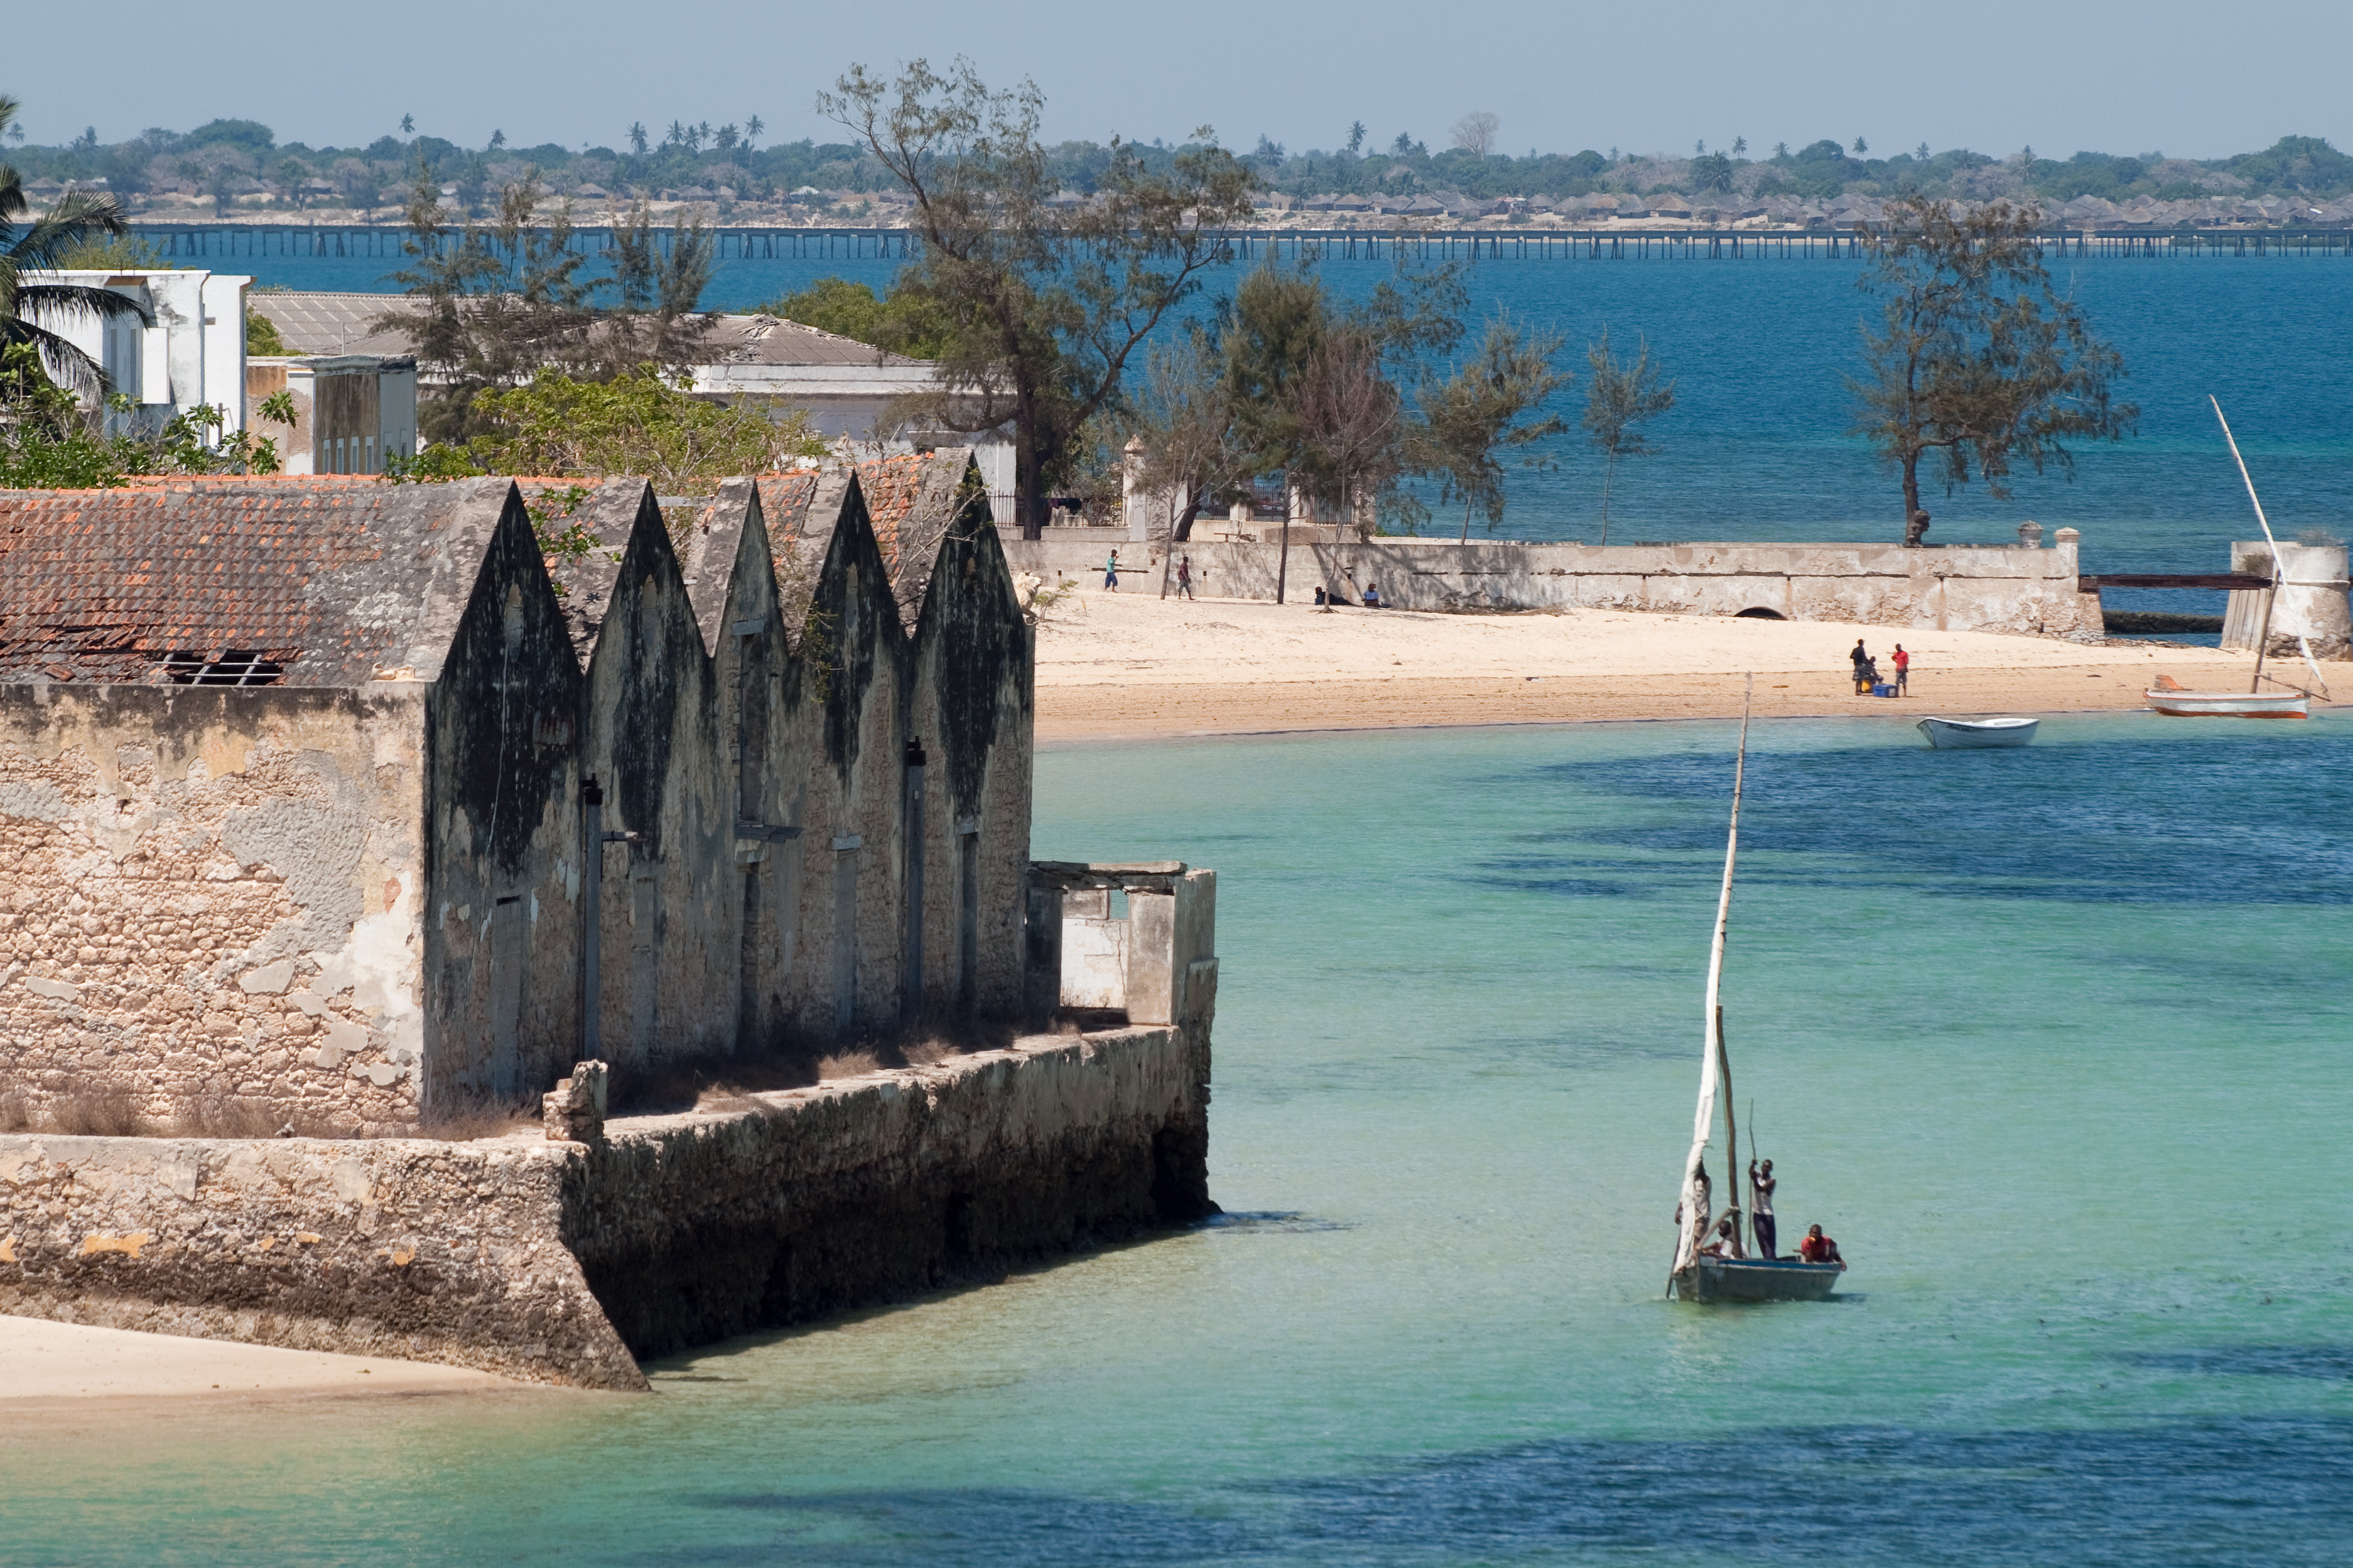 un boutre sur l'eau turquoise approche du rivage de l'île de mozambique